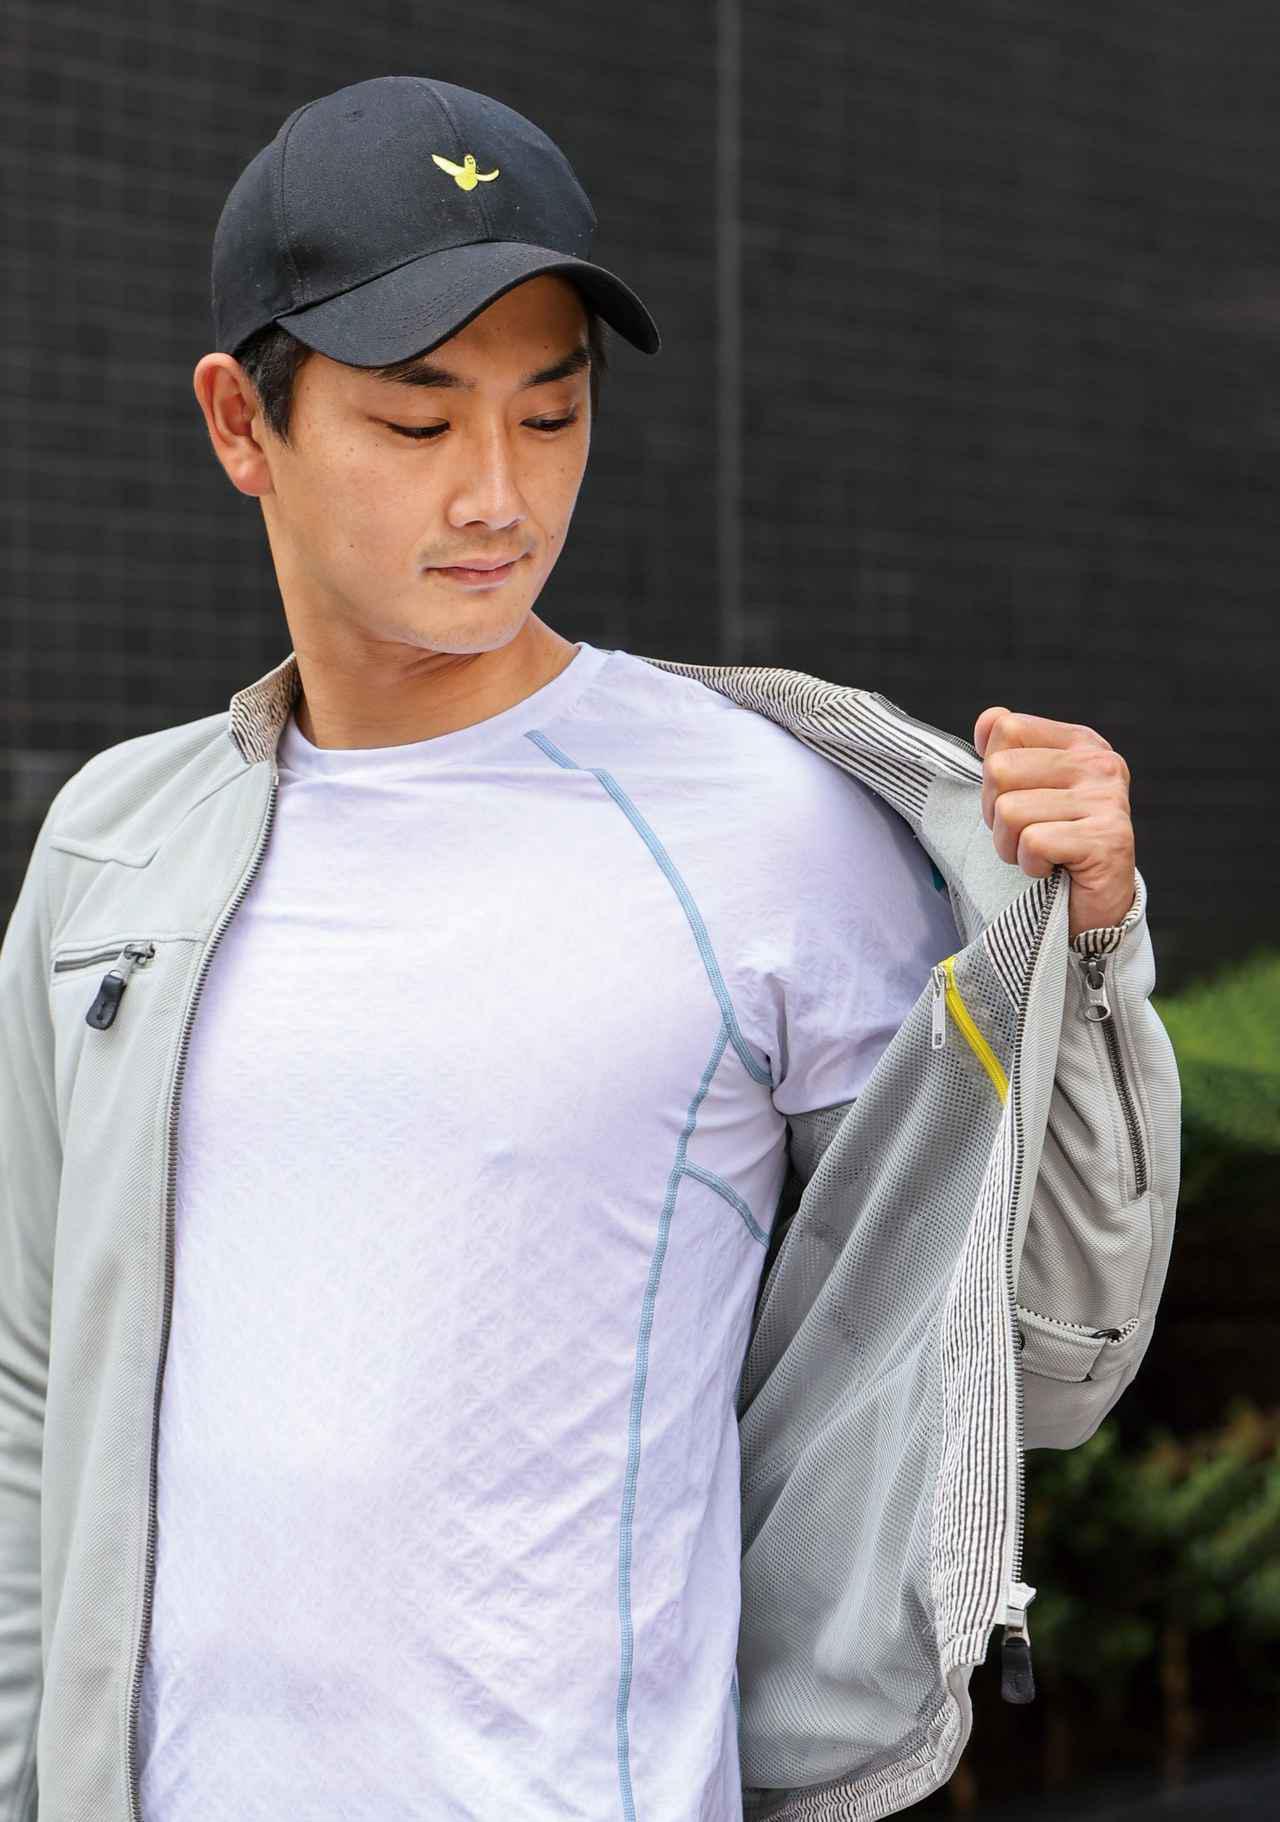 画像: 汗をかいても肌に張り付かず快適な着心地。ジャケットの内側でスルスル動くから体の動きを妨げず、脱ぎ着の際もストレスフリーだ。